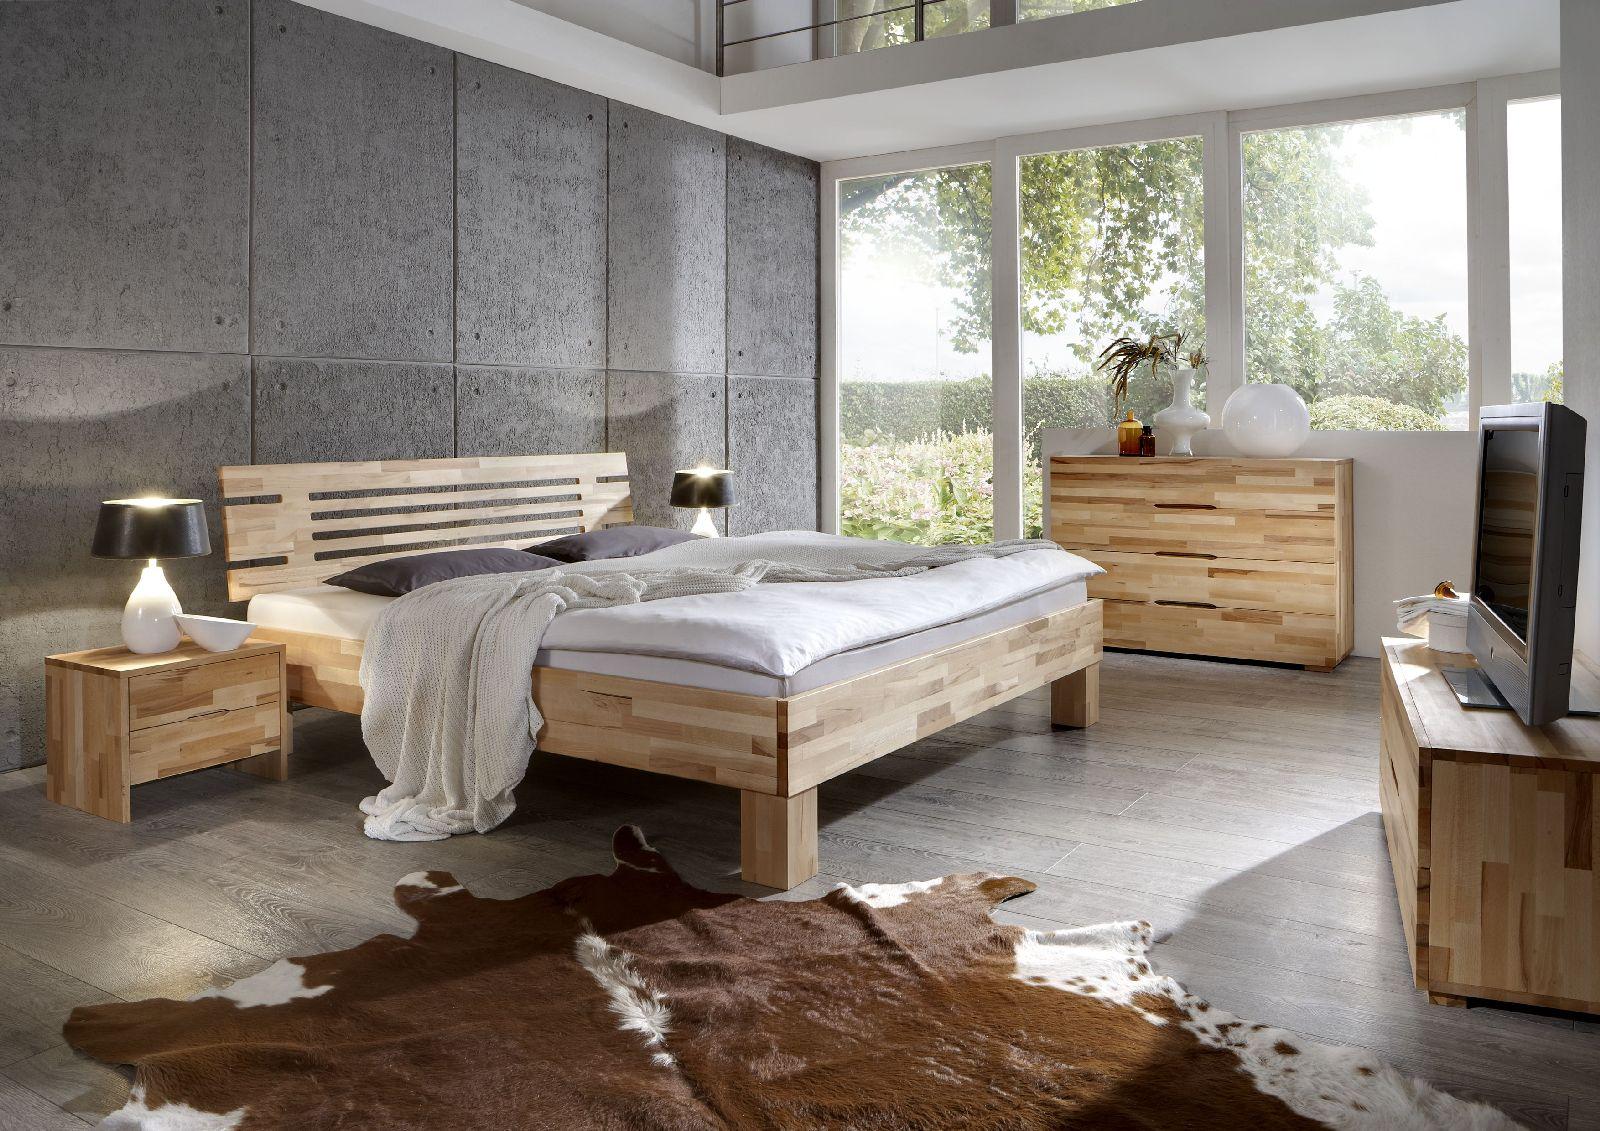 ec5617fddb Massivholzbett Schlafzimmerbett - LANDO - Bett Kernbuche 140x220 cm |  Fun-Möbel